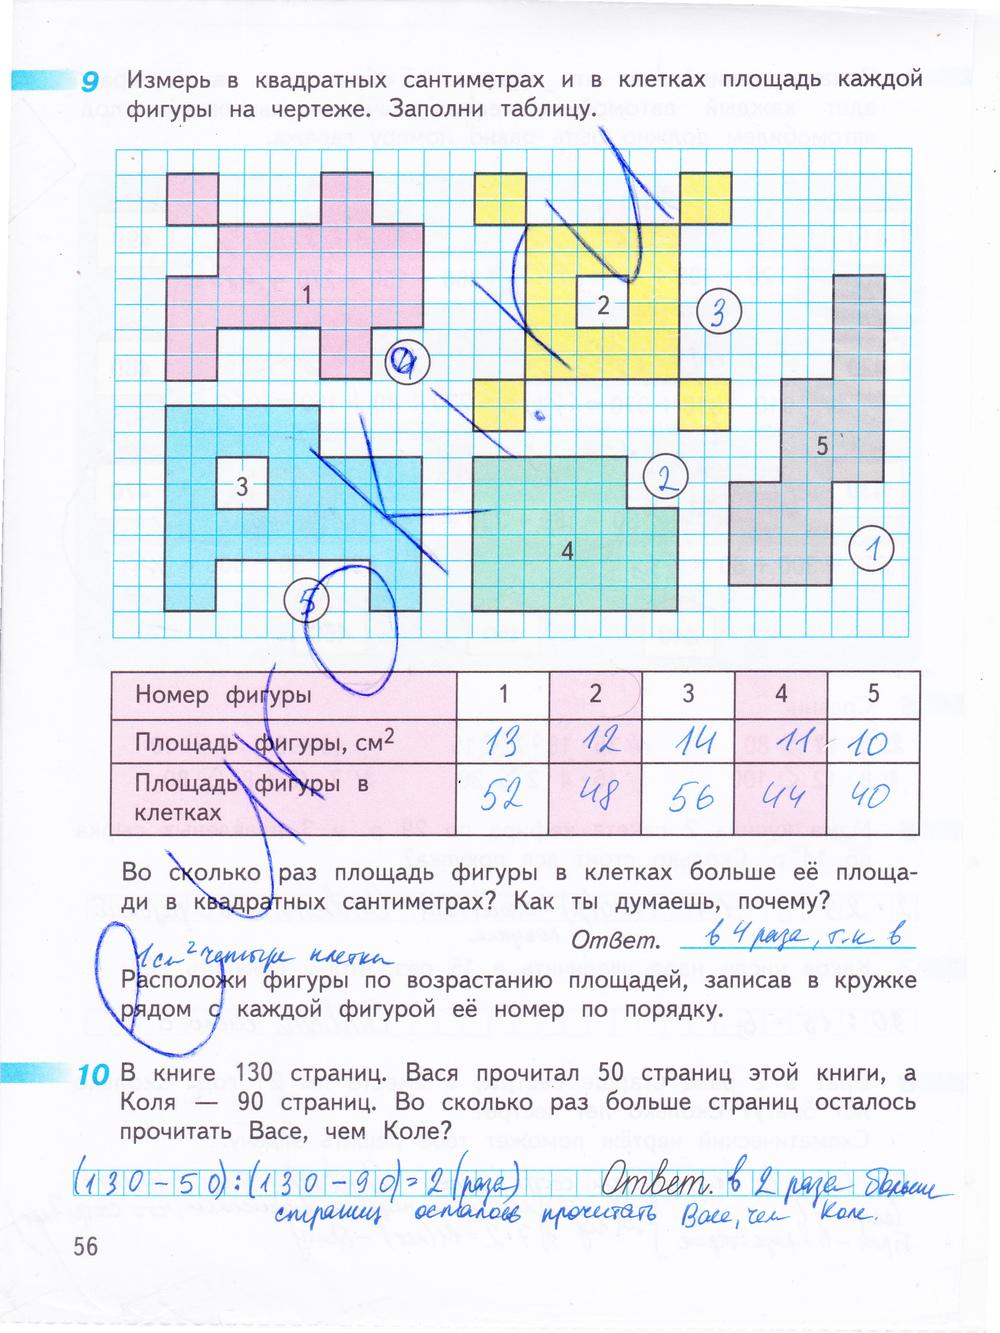 гдз по математике 2 класс рабочая тетрадь 2 дорофеев 2018